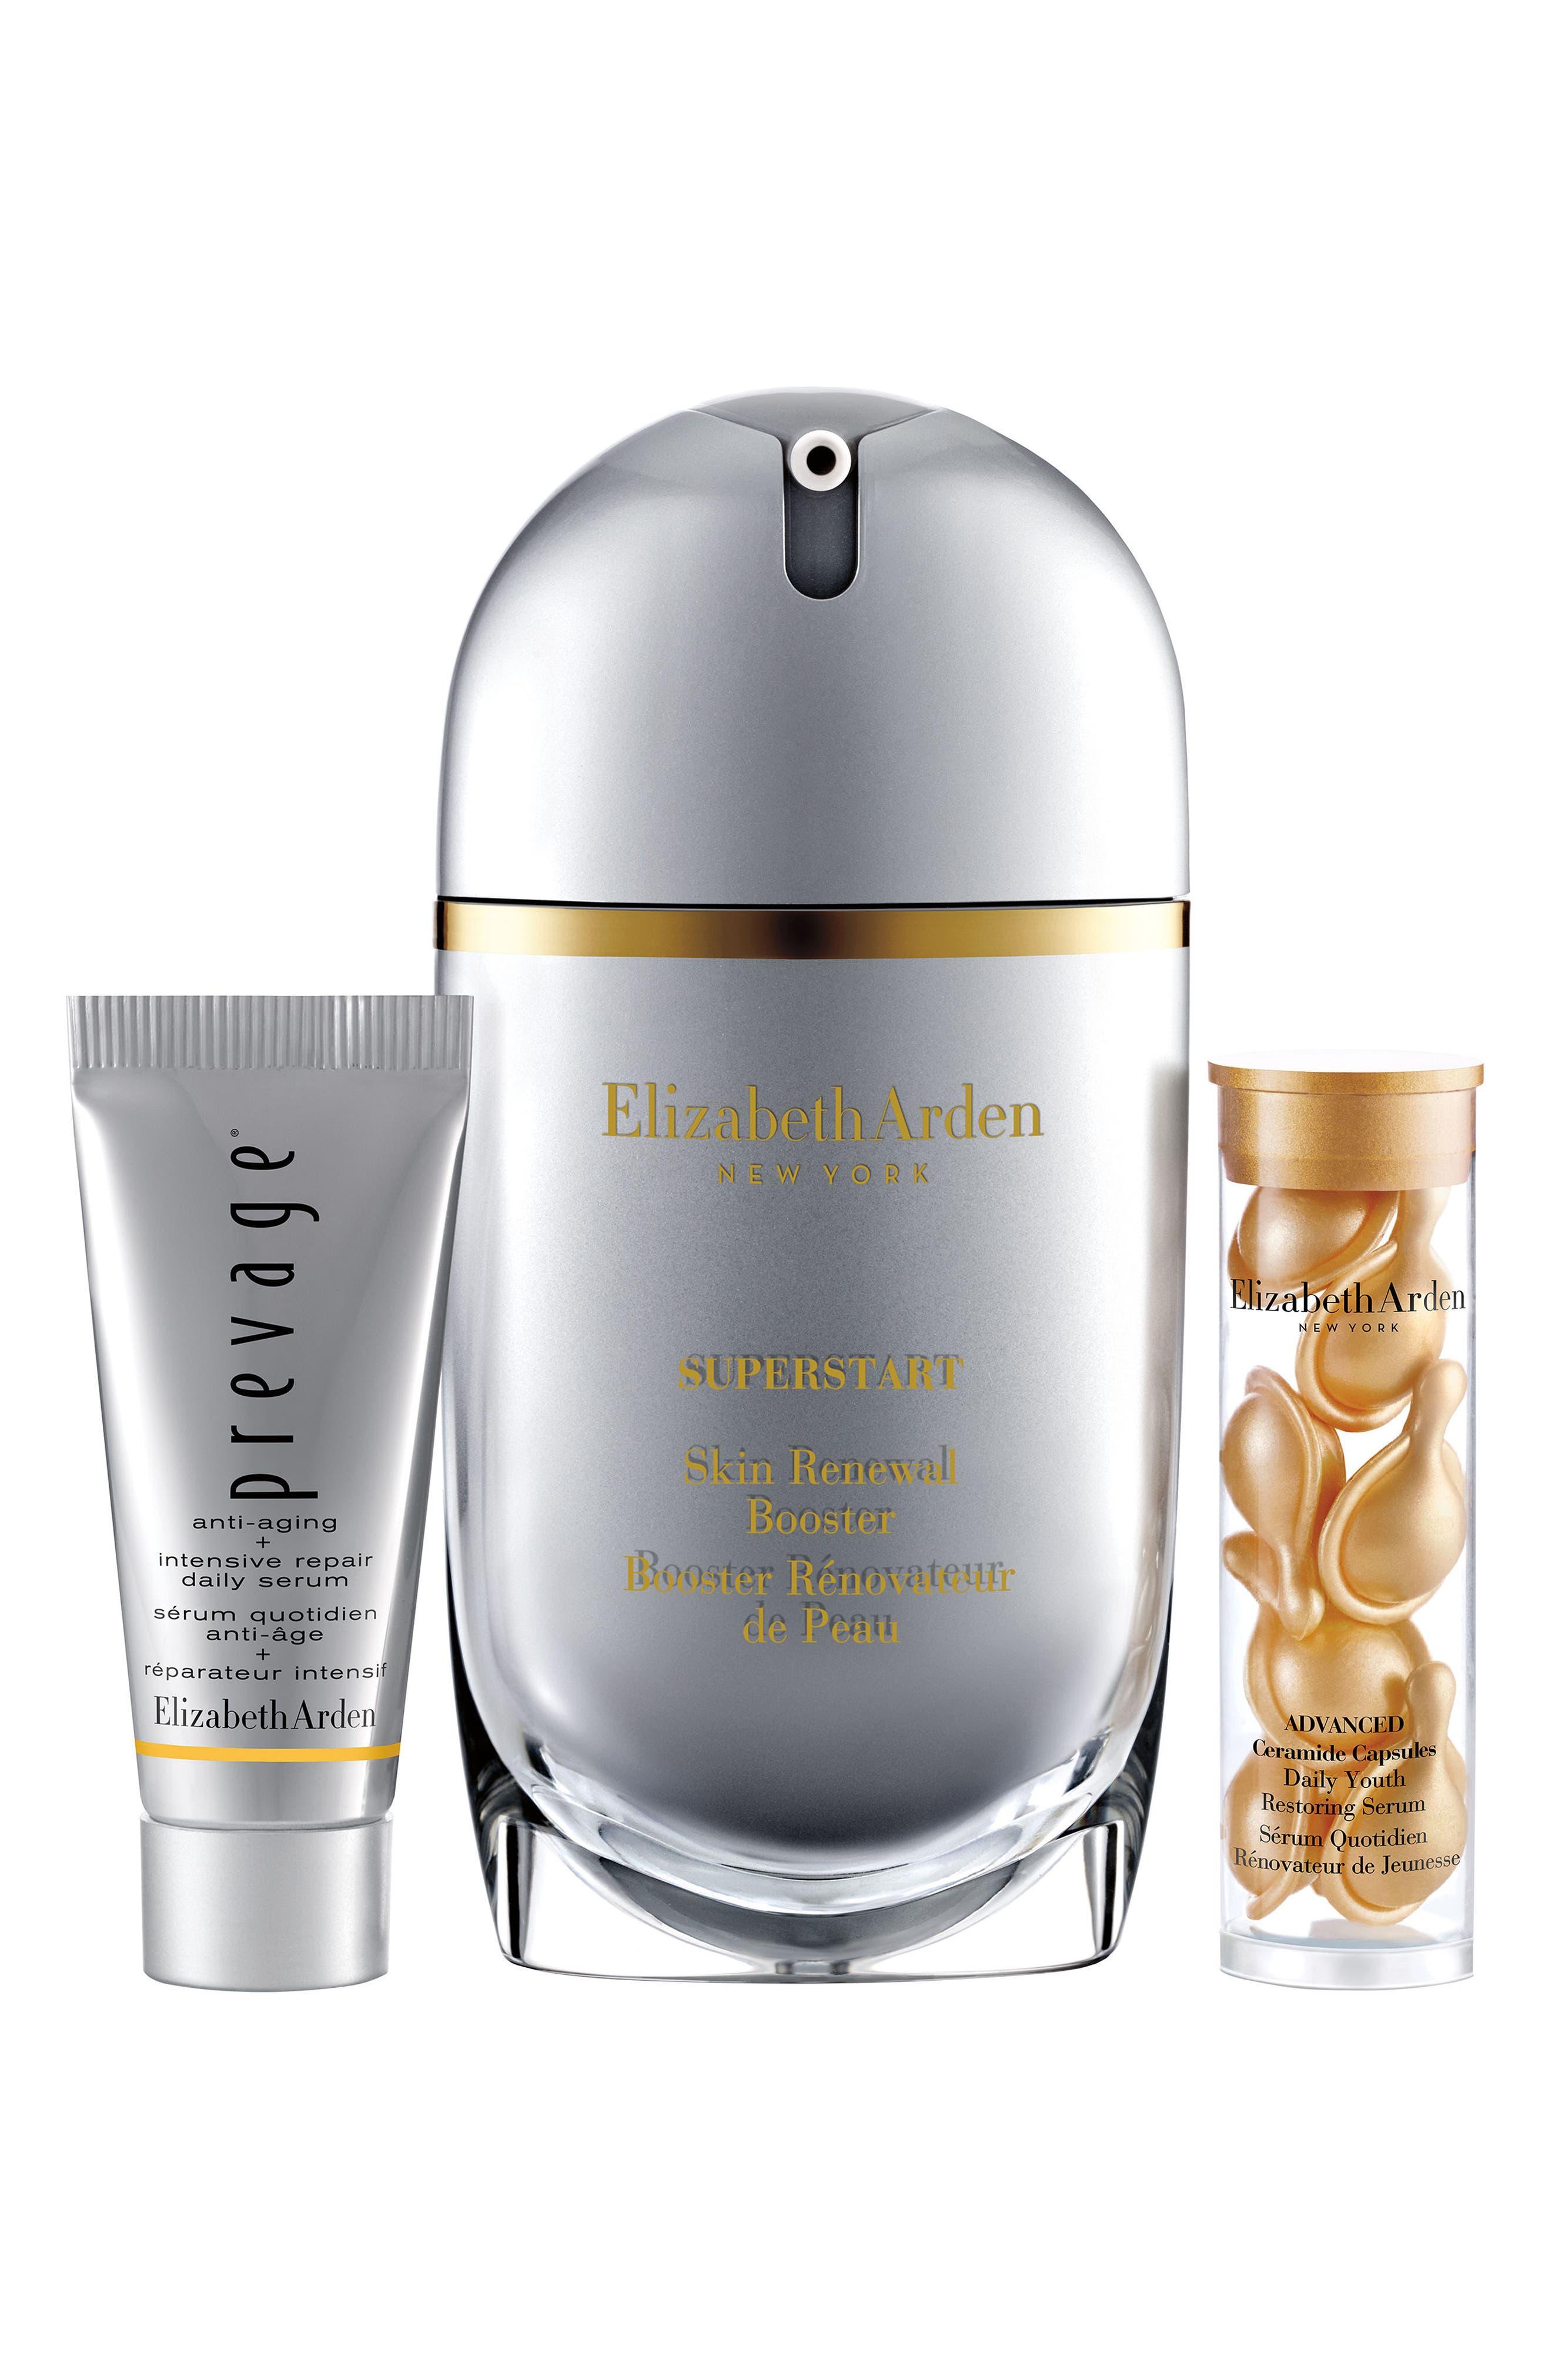 Alternate Image 1 Selected - Elizabeth Arden SUPERSTART Skin Renewal Booster Set ($115 Value)